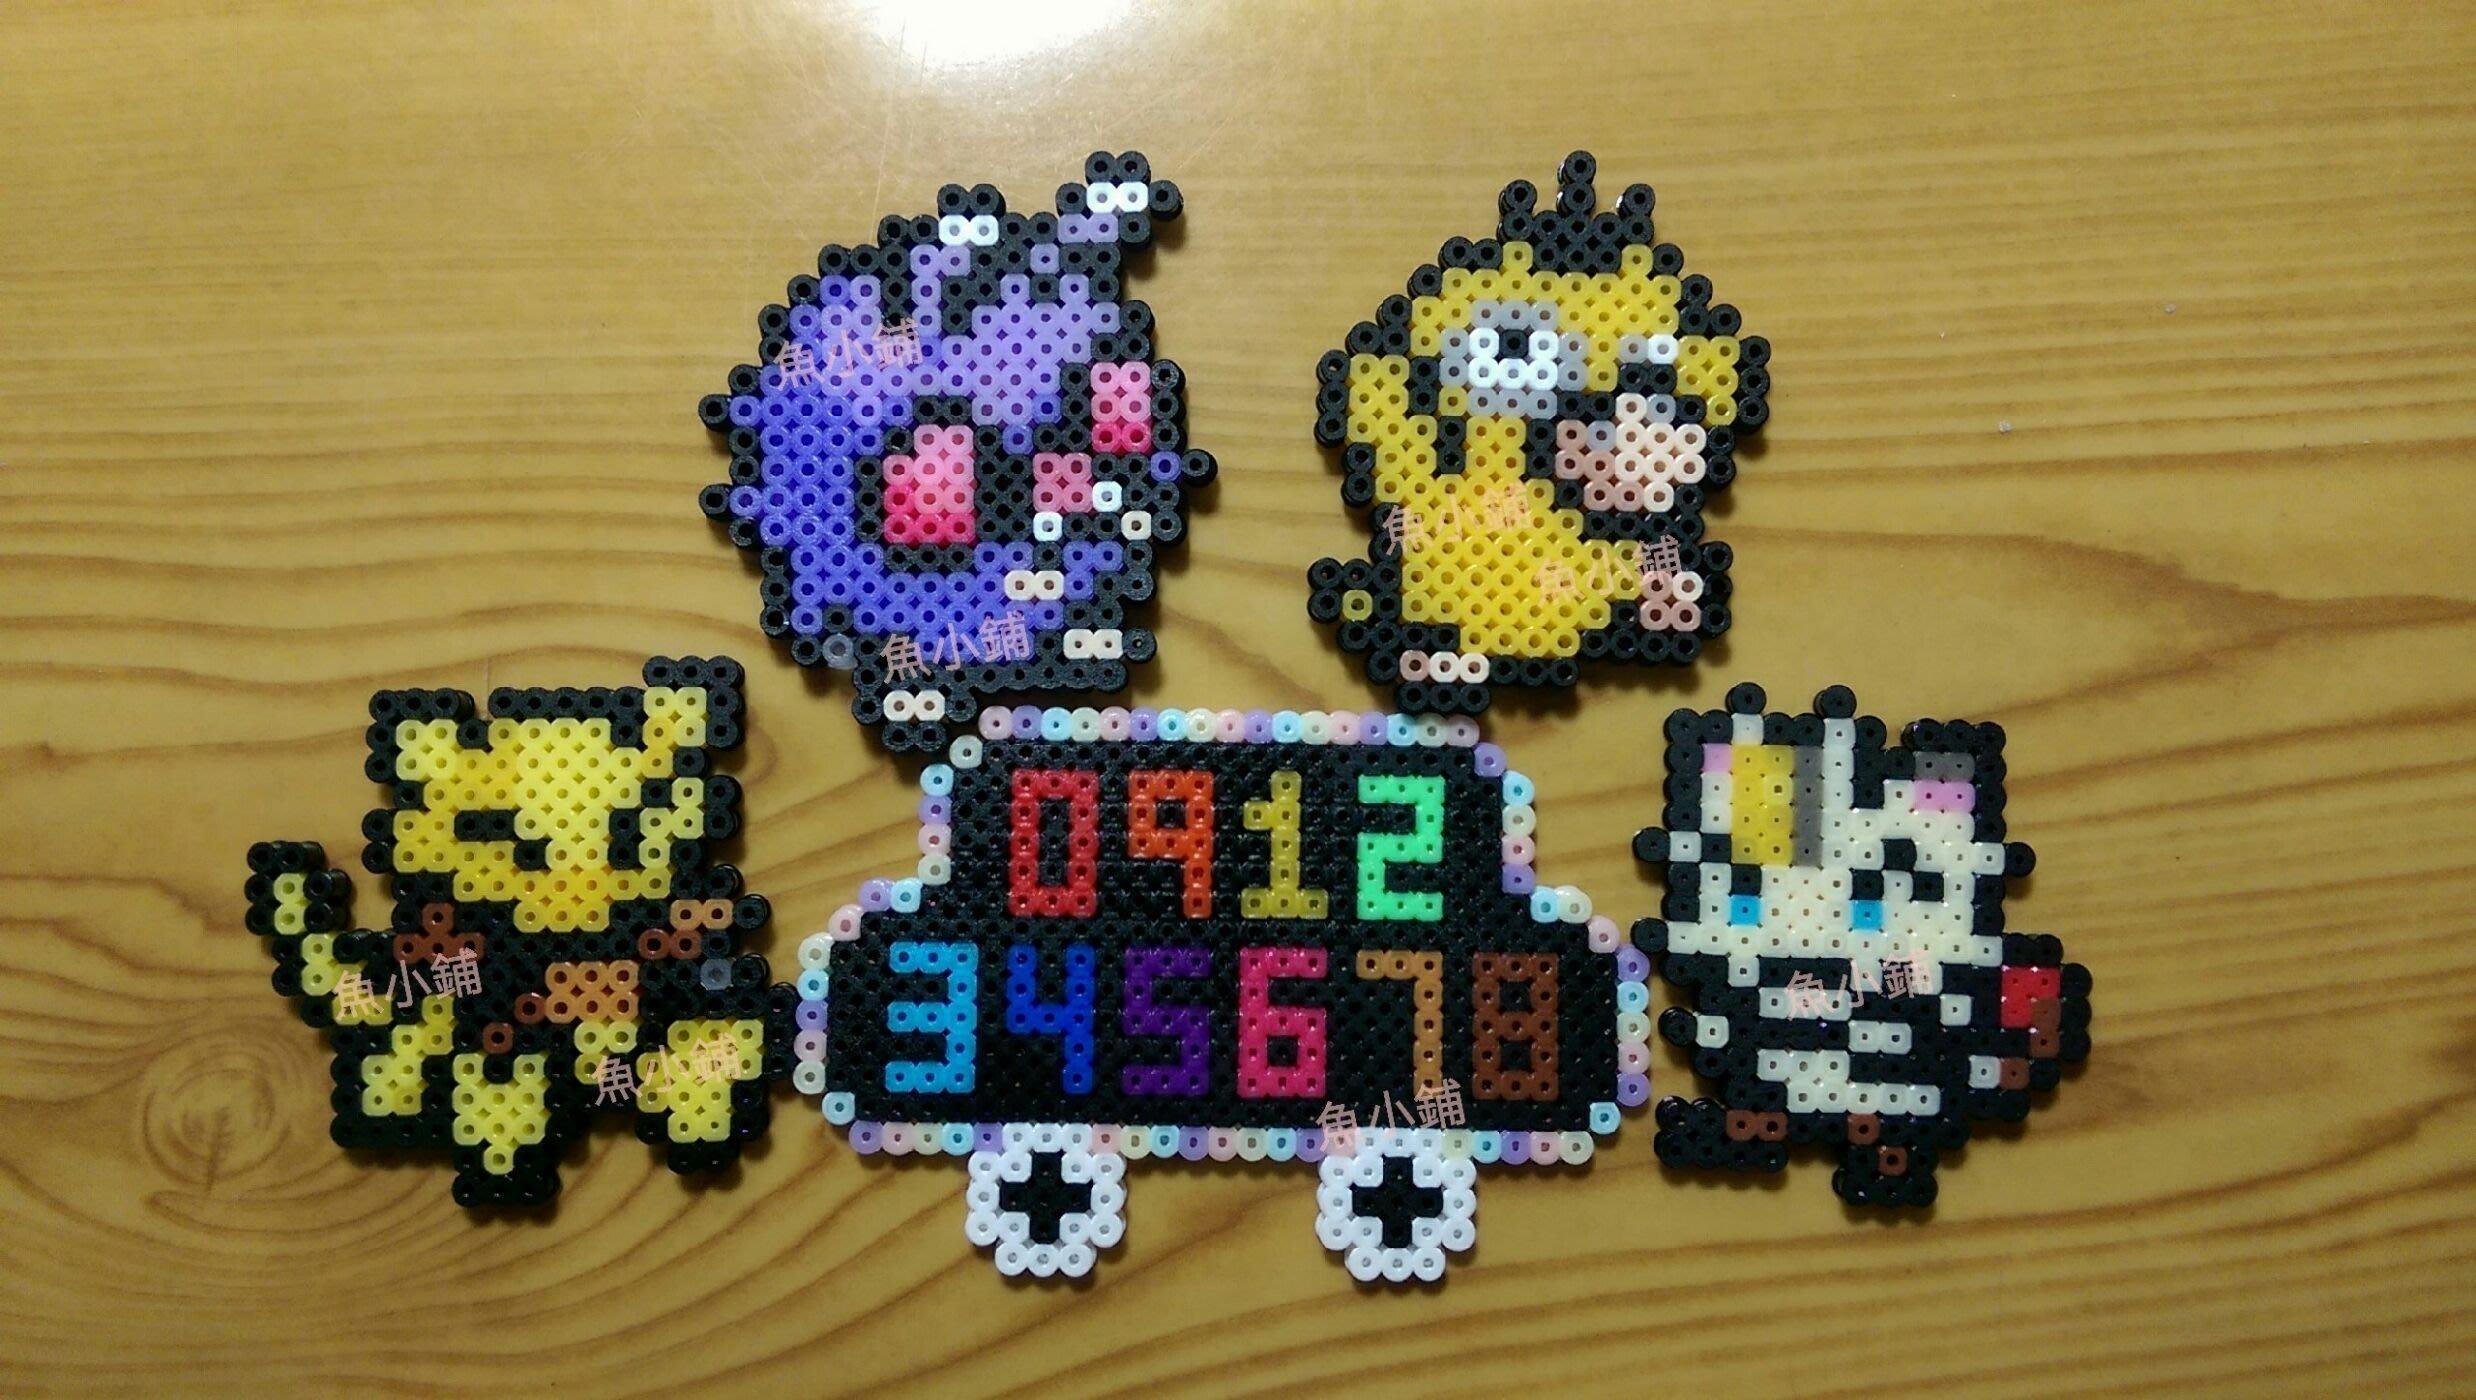 ♥~魚小舖~♥ 拼豆 膠珠 手創 寶可夢/Pokémon 可達鴨 喵喵.等 車用電話 告示牌/廣告牌 (3mm迷你豆)